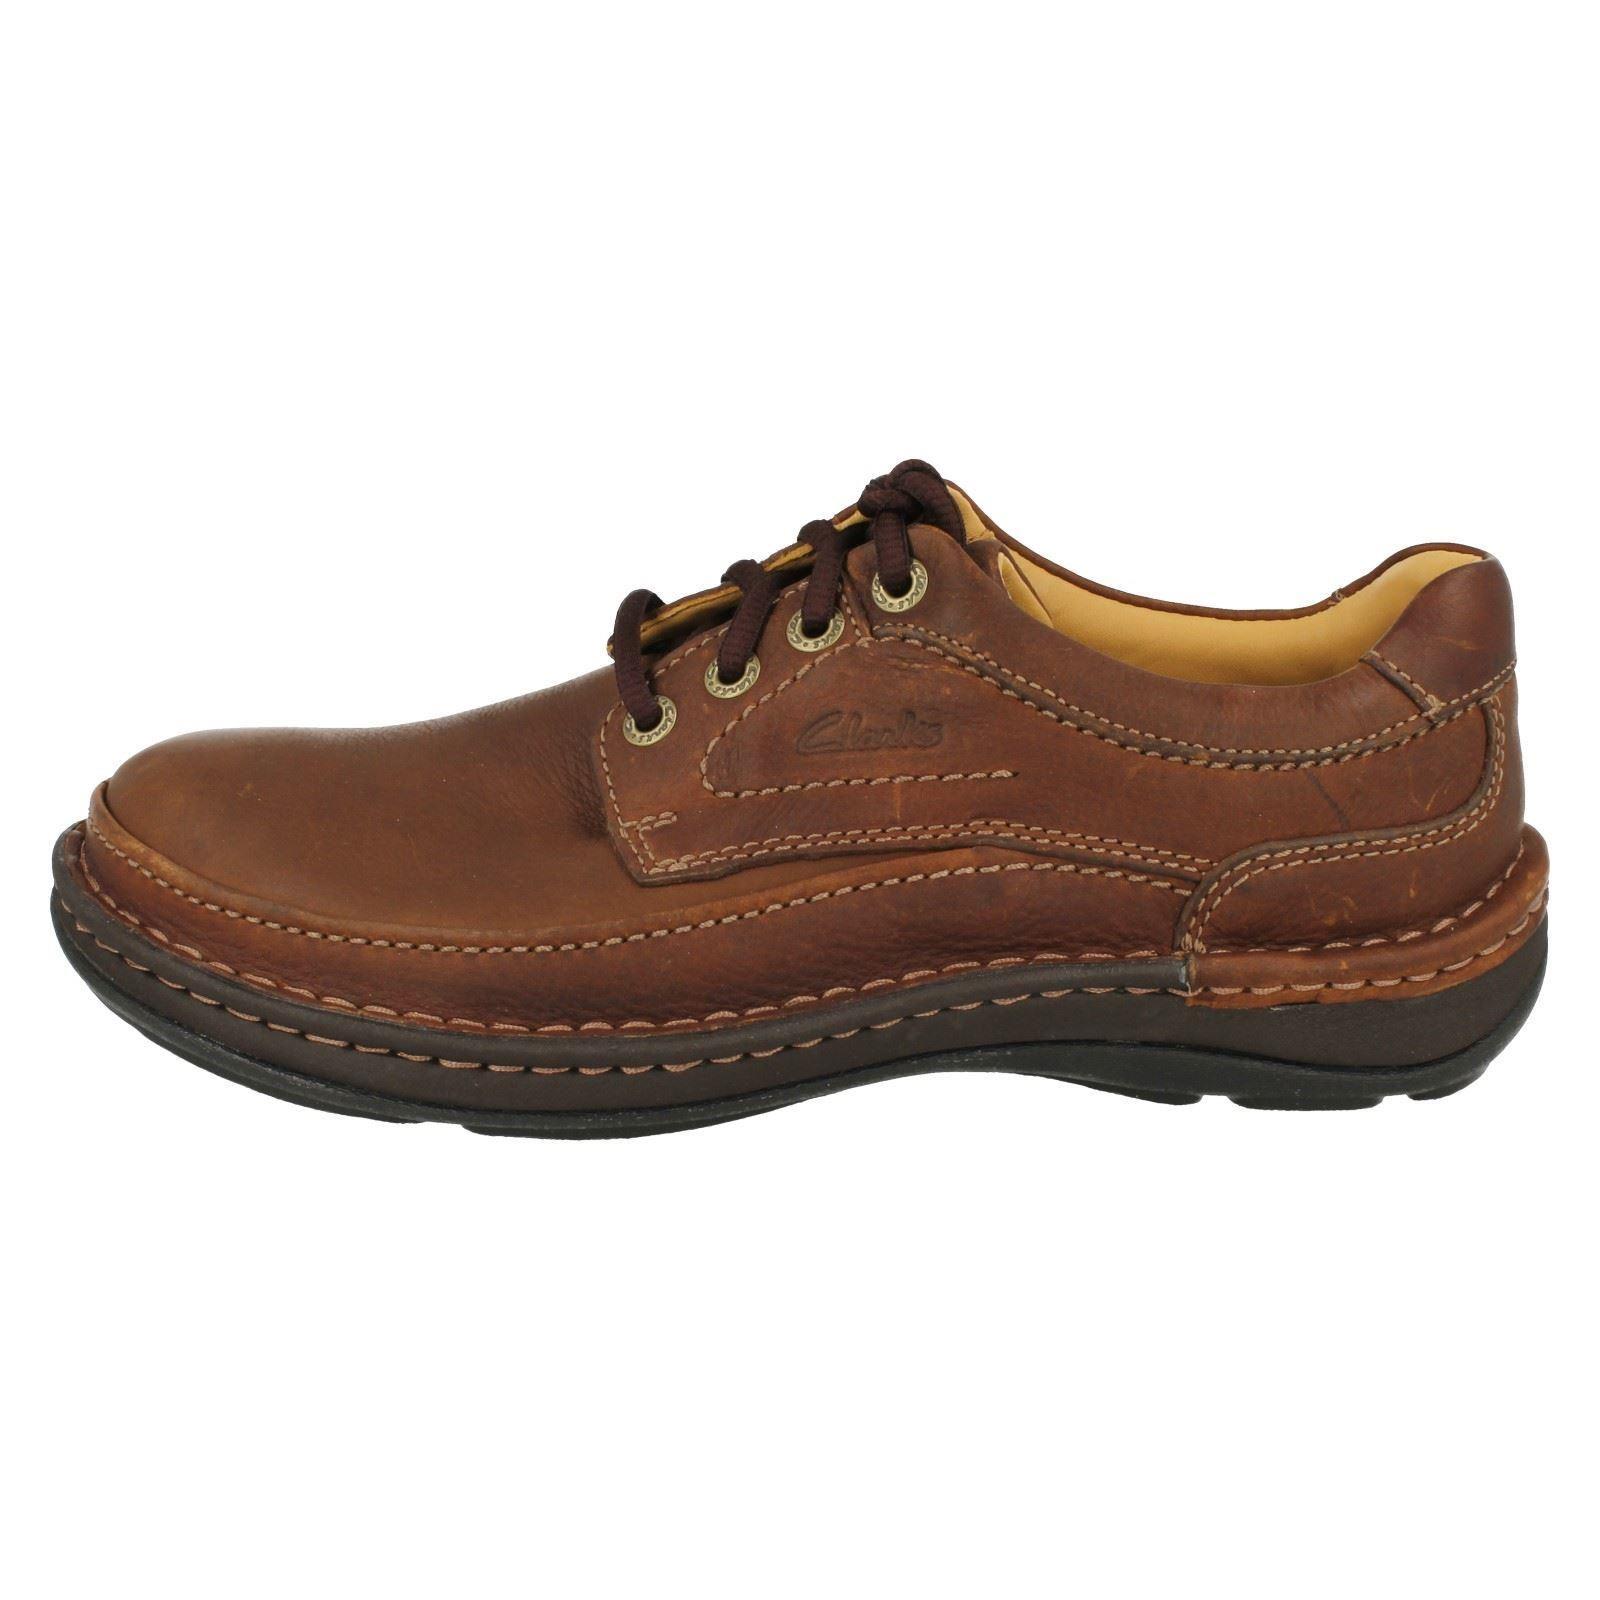 Clark Shoes Mens On Sale